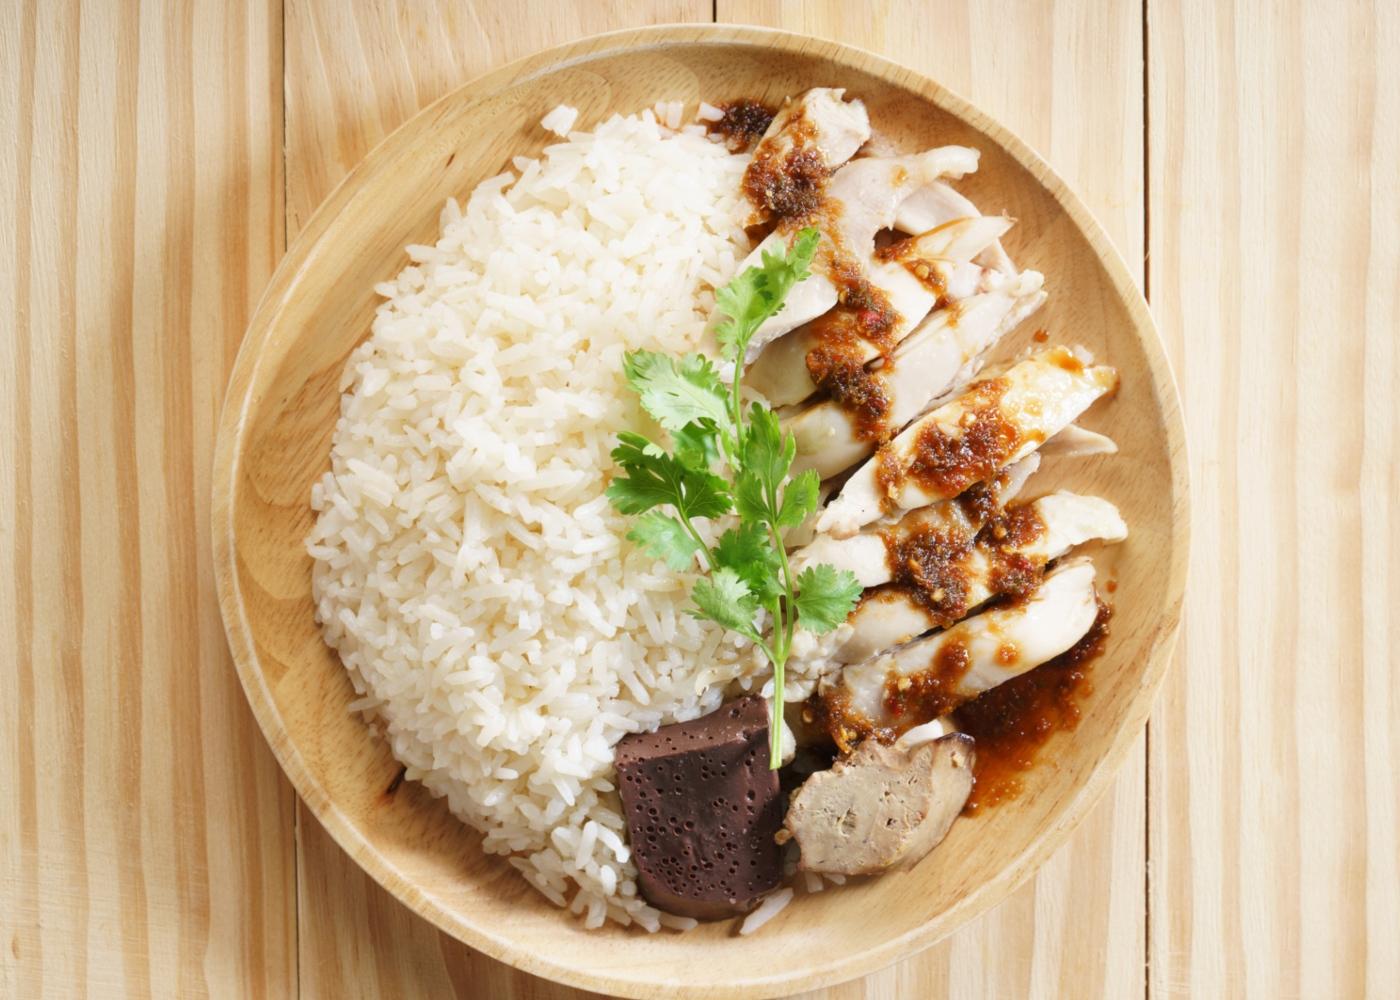 Bife de frango grelhado com arroz servido num prato